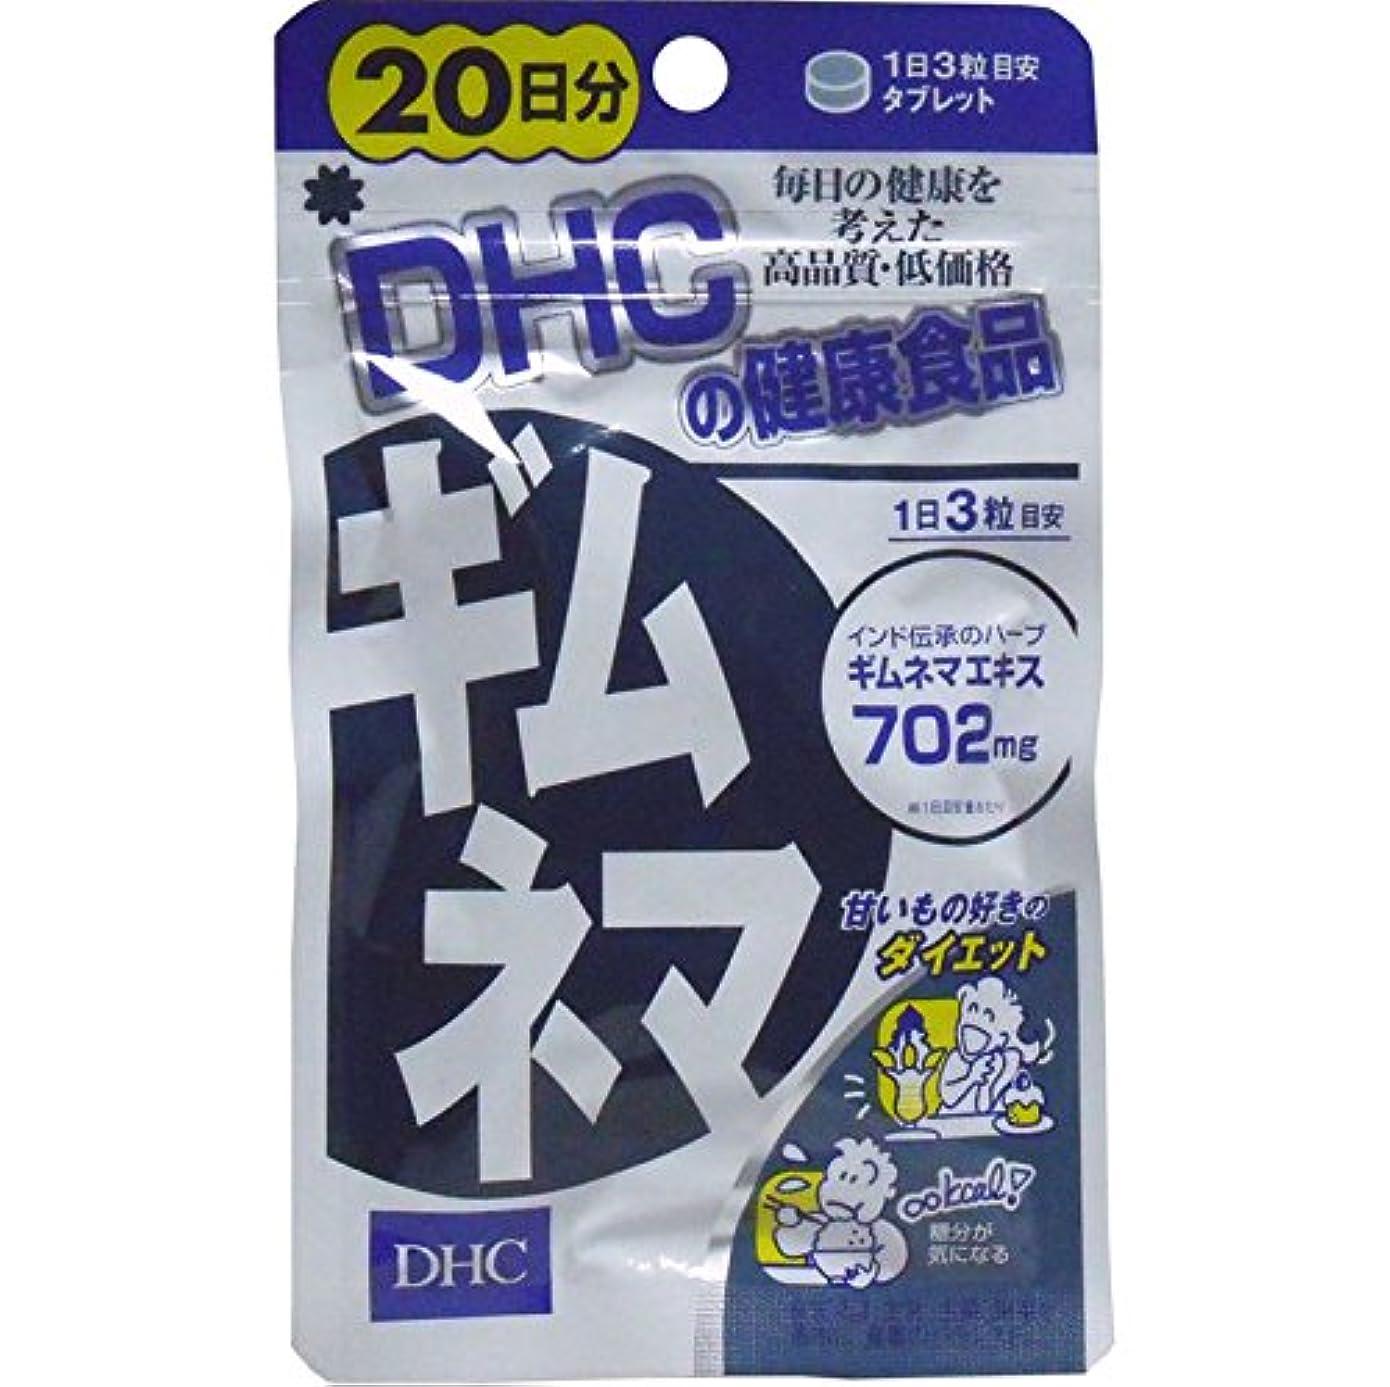 麺叫び声リットルダイエット 美容 健康 余分な糖分をブロック 便利 DHC ギムネマ 20日分 60粒【4個セット】